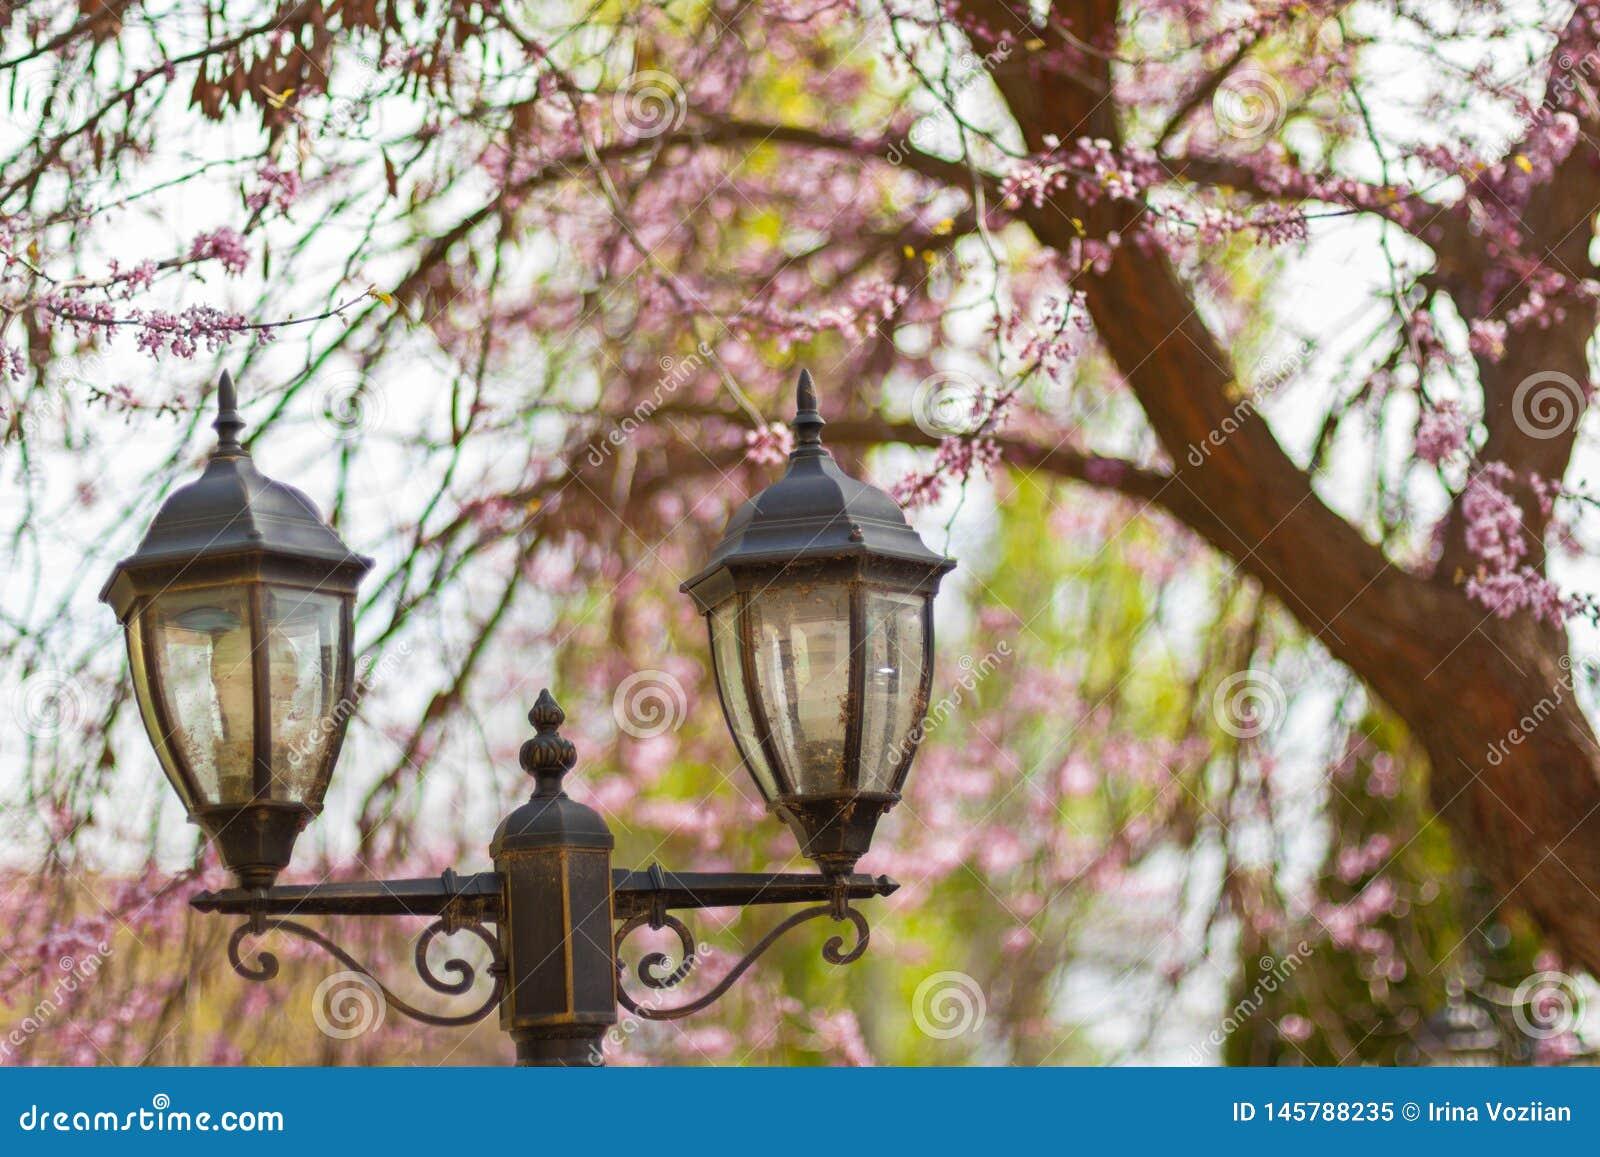 Linternas de la calle con el árbol floreciente de Sakura